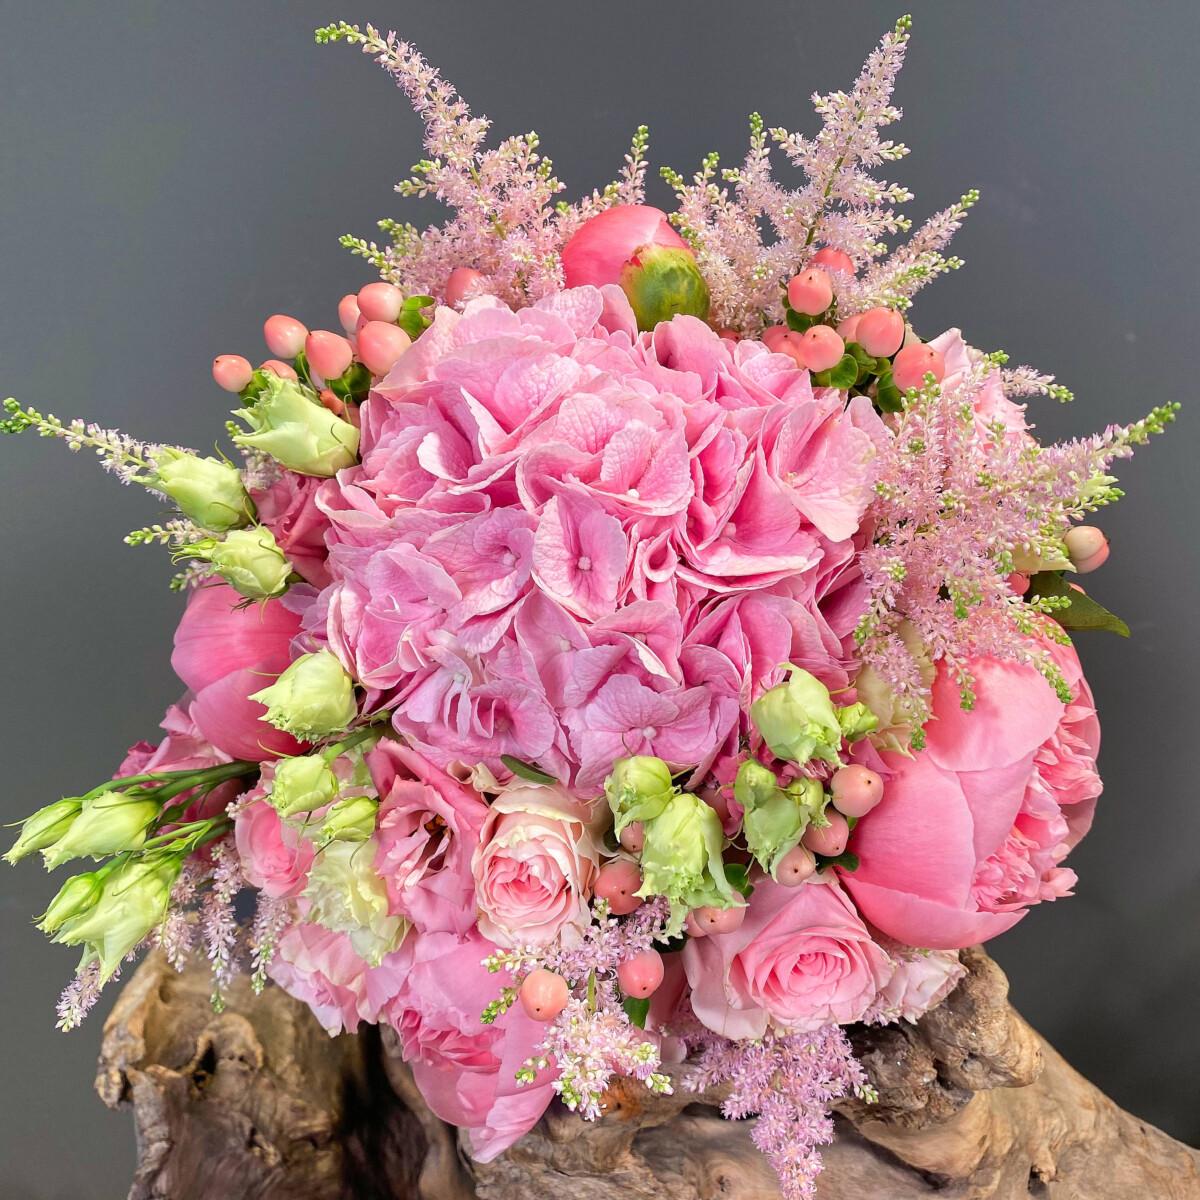 Ανθοδέσμη Γάμου Ροζ Αστίλβη Τριαντάφυλλα Παιώνιες Ορτανσίες